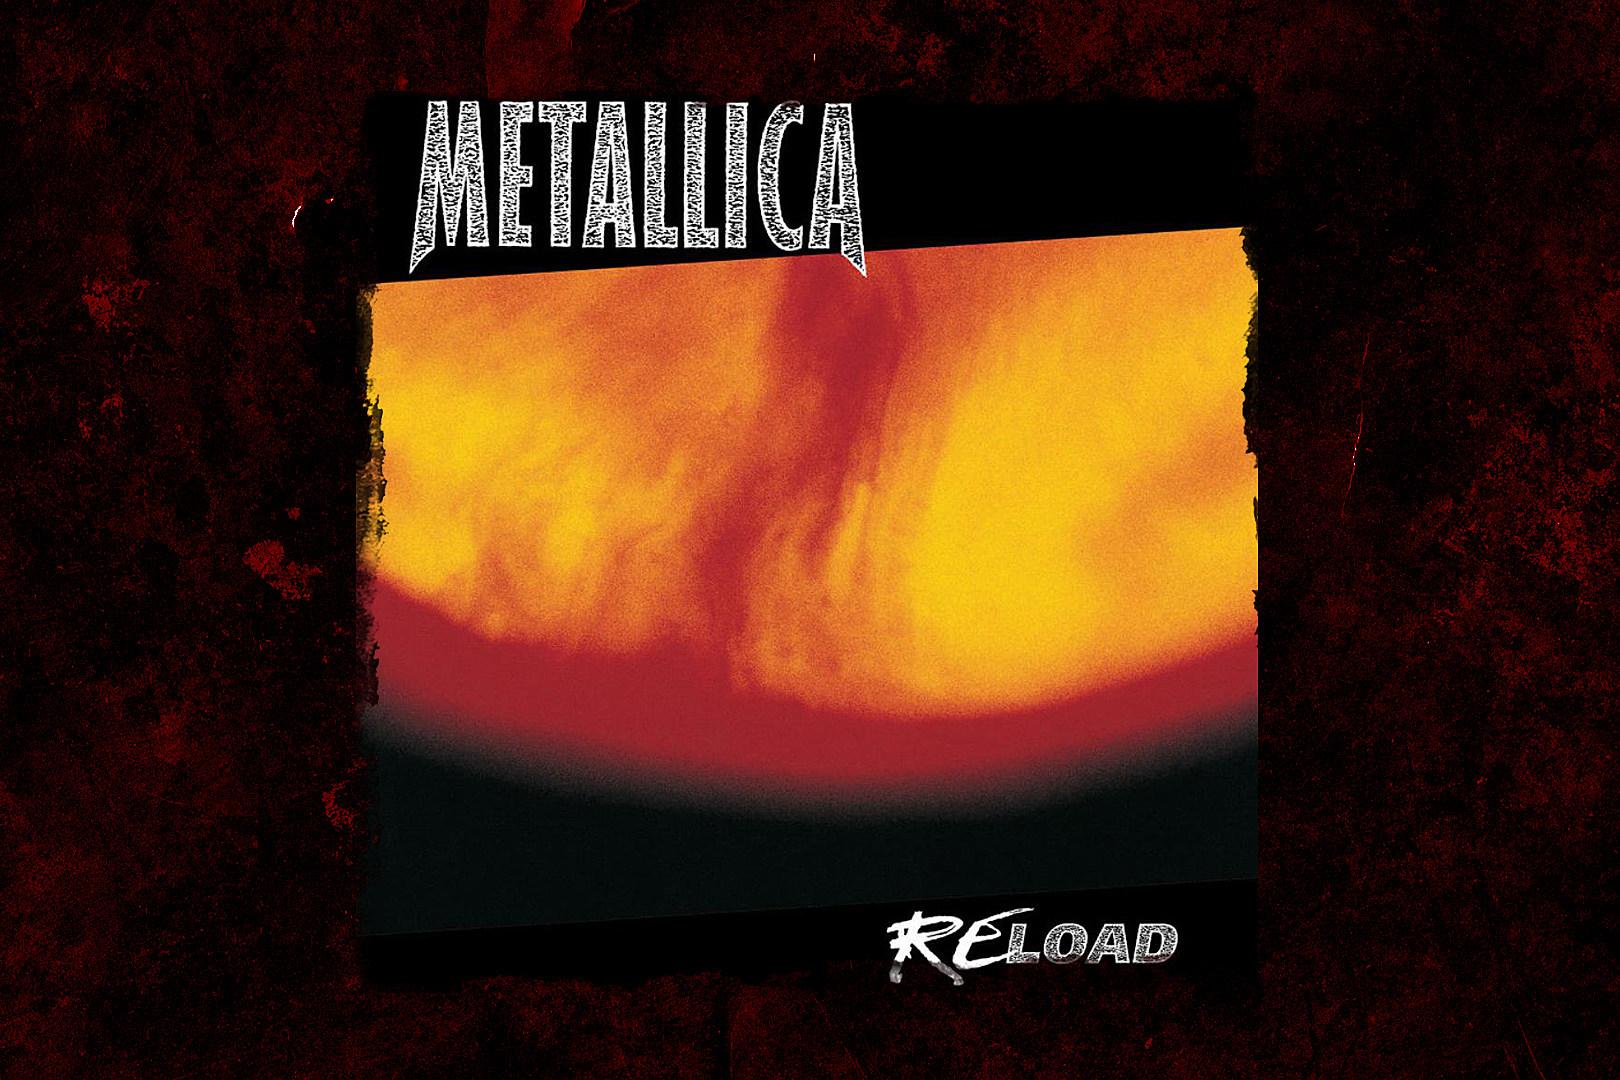 Reload de Metallica: Momento de reivindicar a la recarga